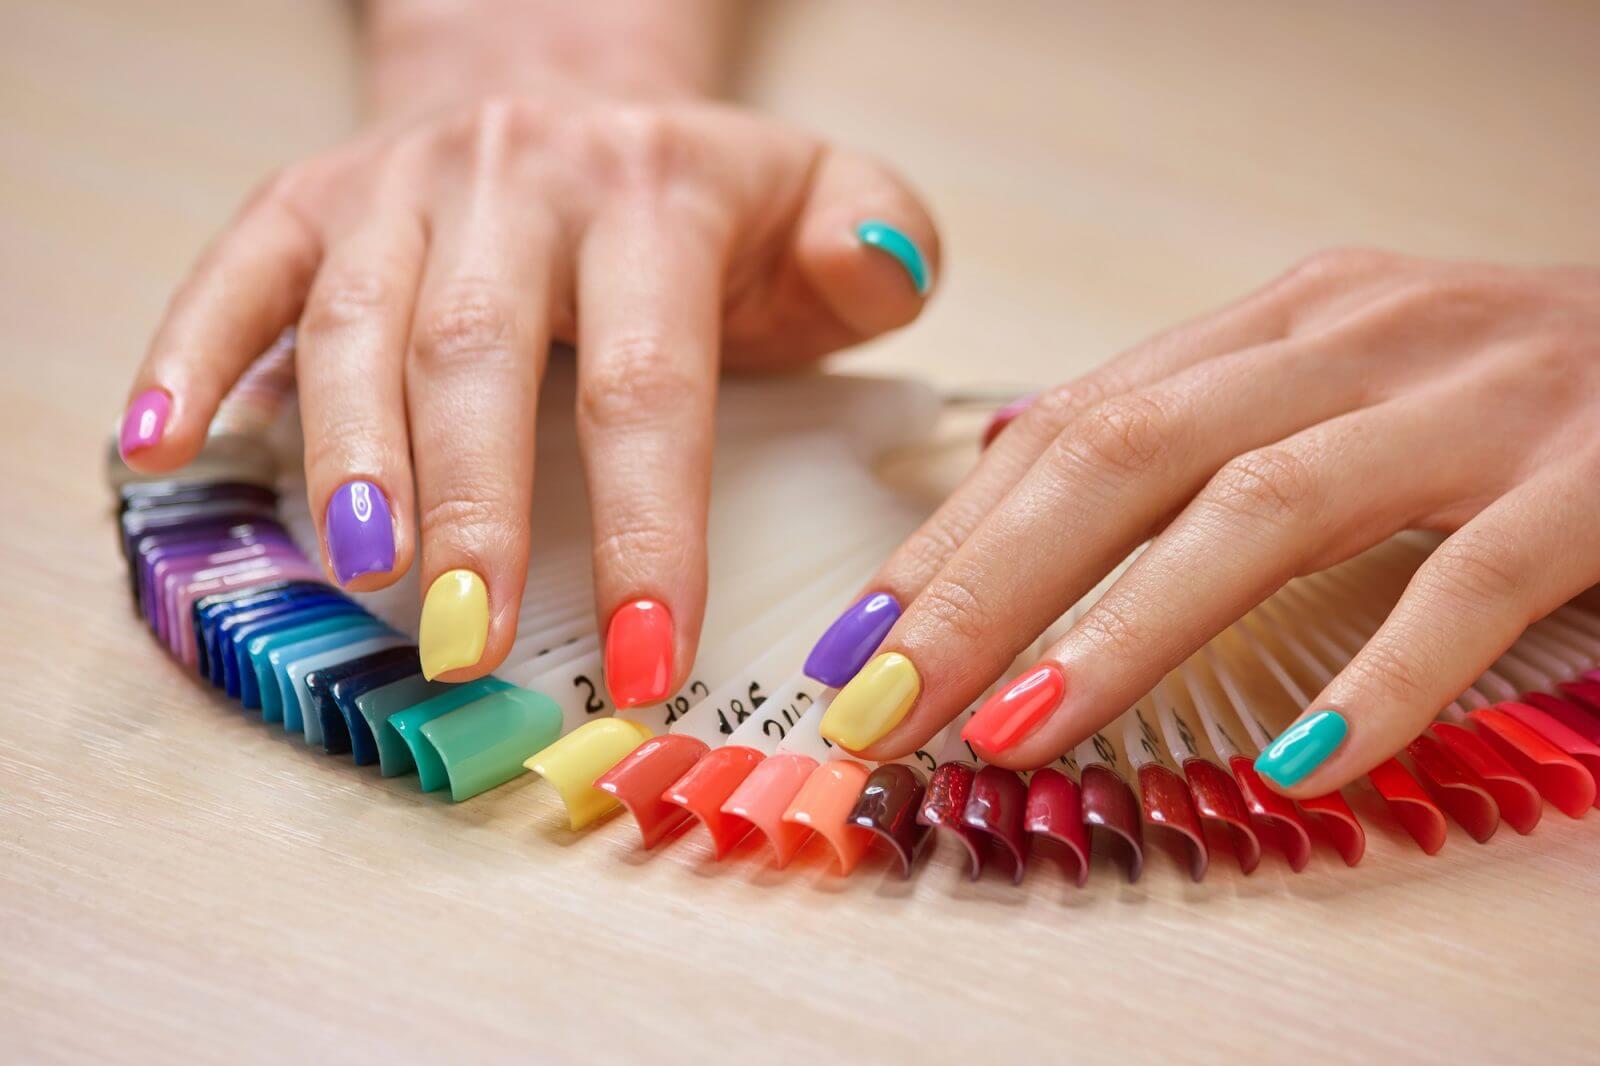 uñas bonitas de colores